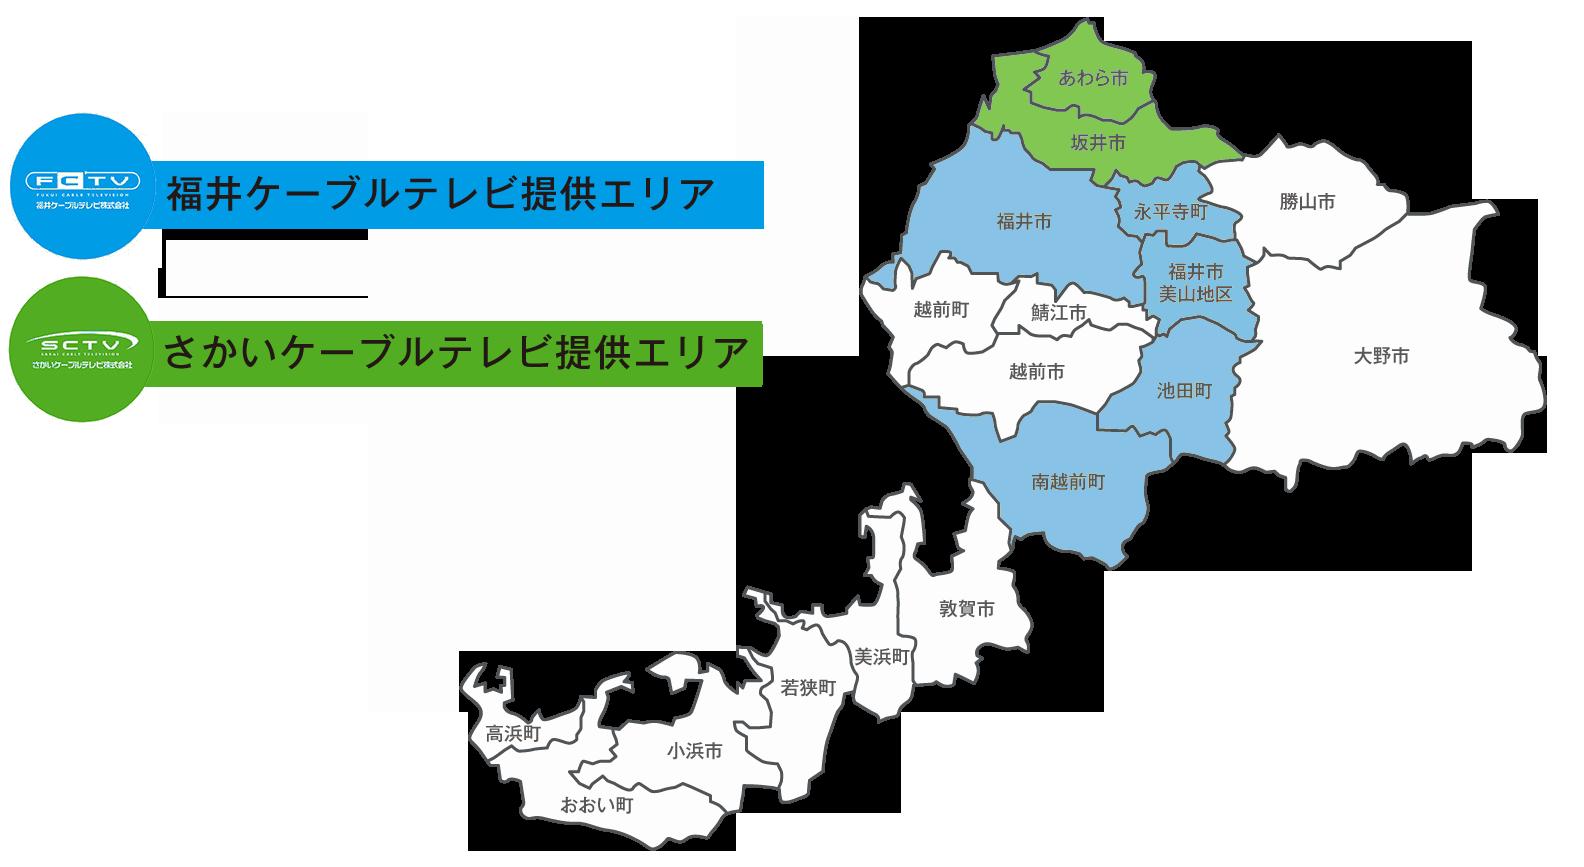 福井ケーブルテレビ提供エリア